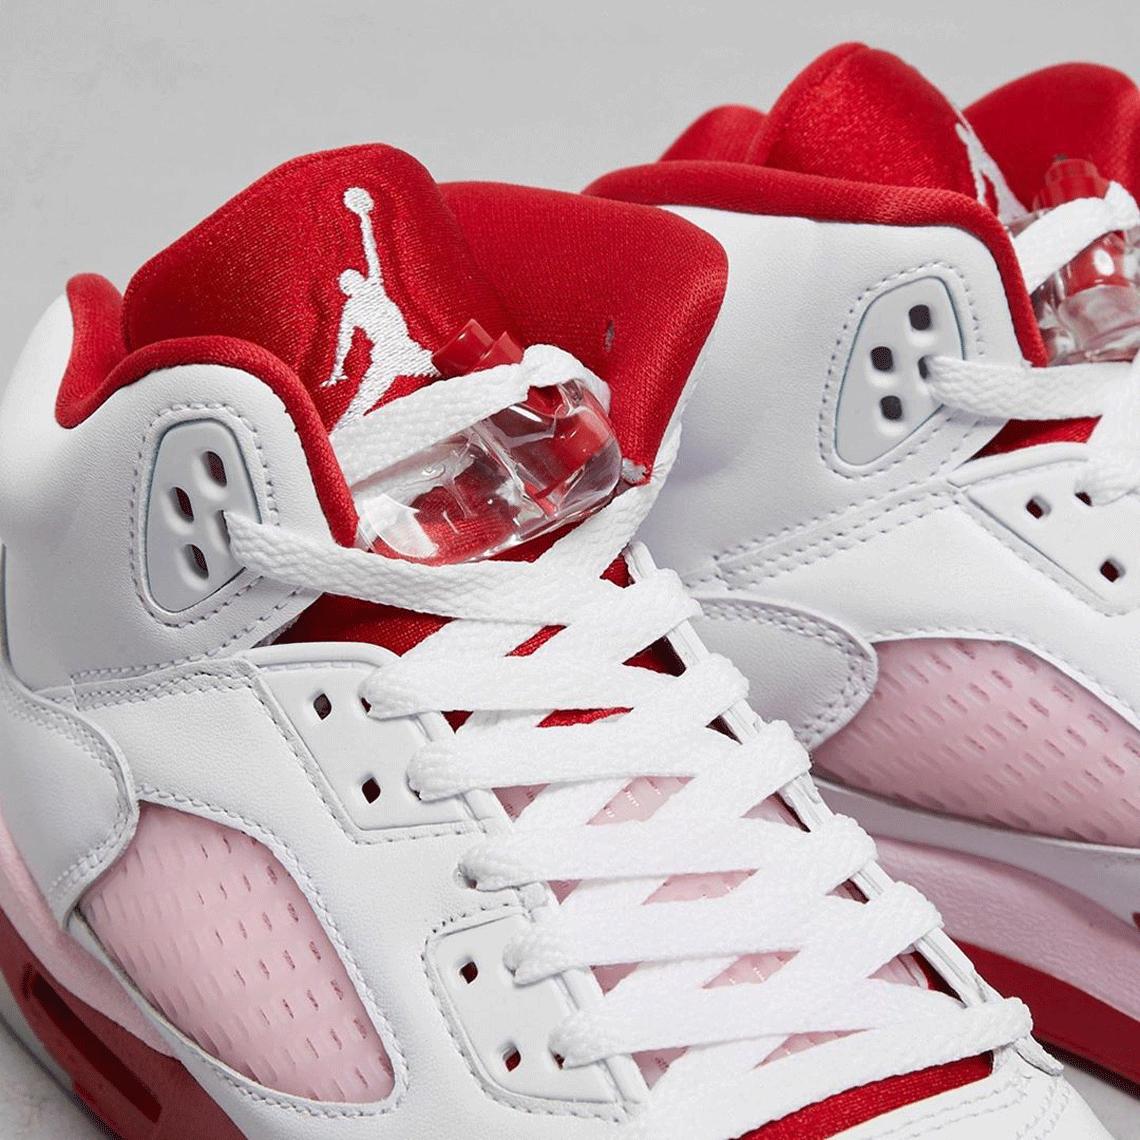 NIKE Air Jordan 5 GS Pink Foam ナイキ エアジョーダン5 GS ピンク フォーム 440892-106 tan